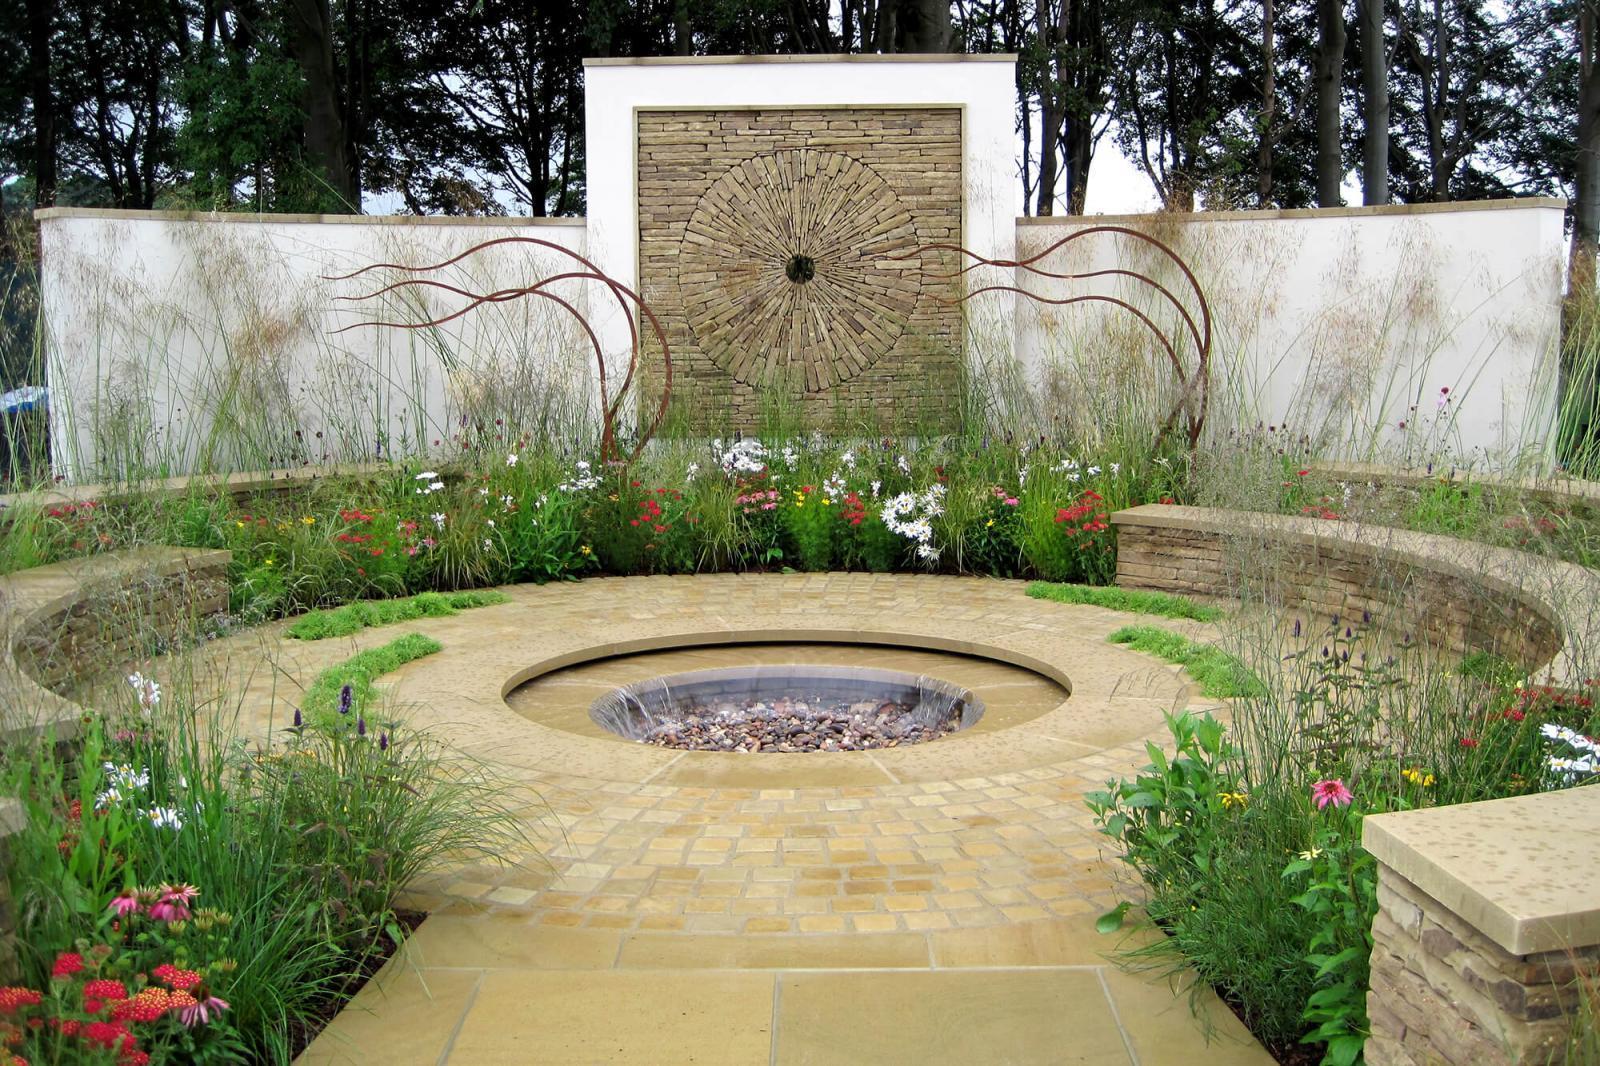 Mornflake Garden in the U.K.